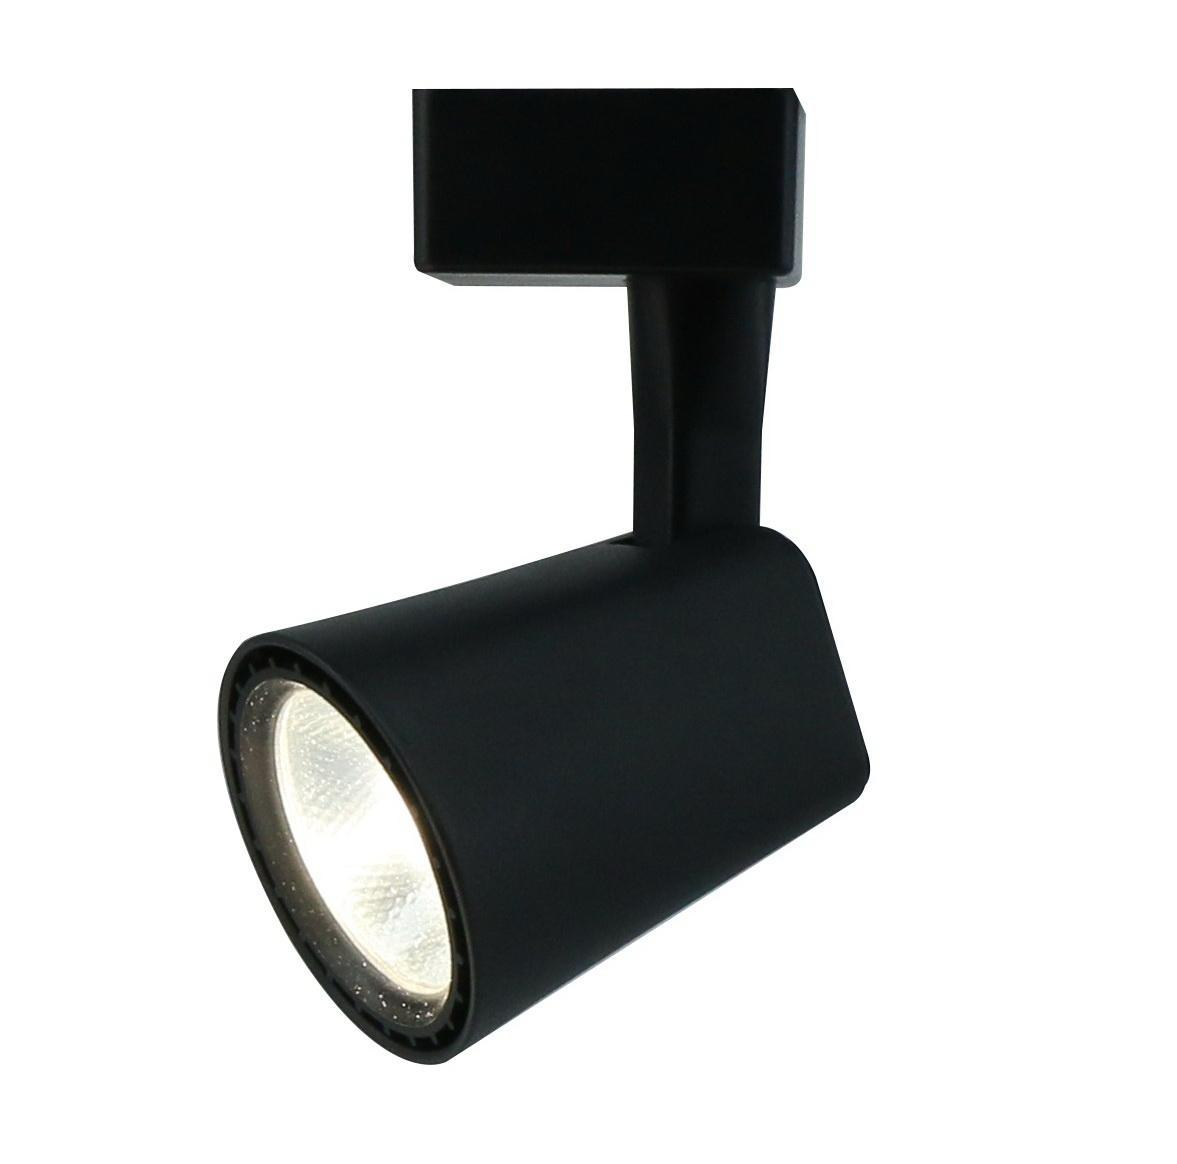 Трековый светодиодный светильник Arte Lamp Amico A1810PL-1BK трековый светодиодный светильник arte lamp amico a1830pl 1bk